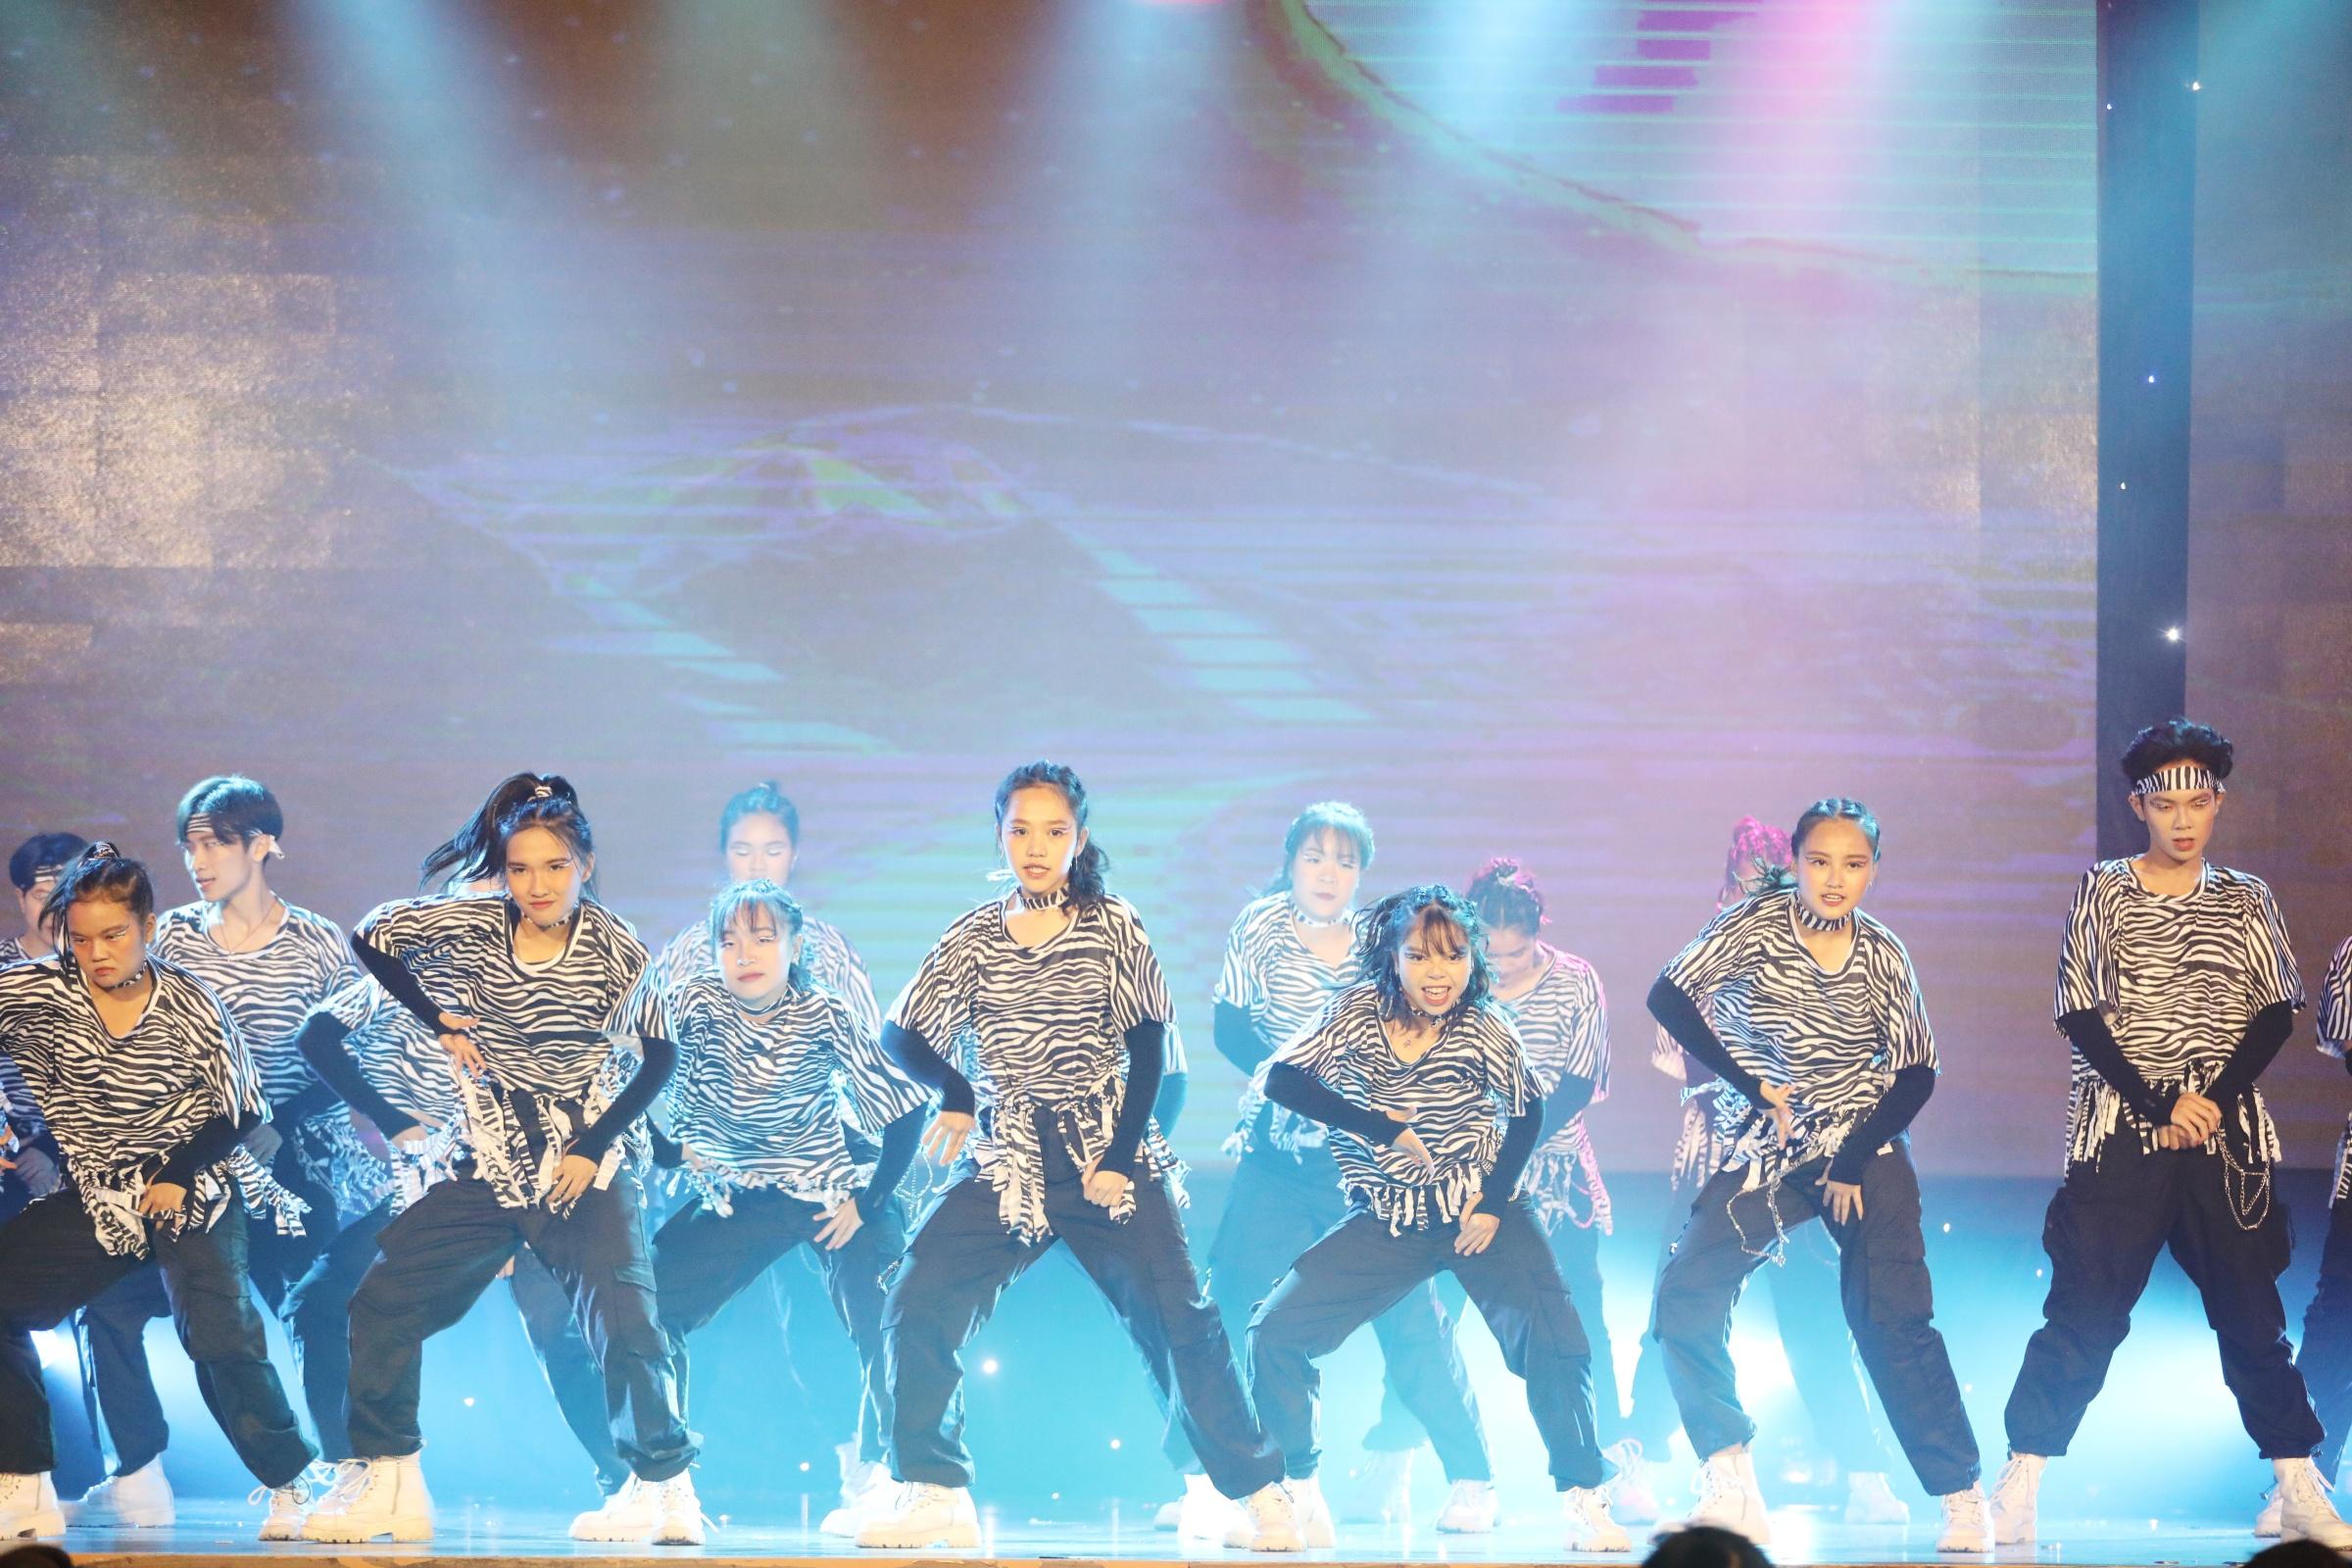 The Outside (THPT Lê Quý Đôn, TP HCM) - một trong hai đội trẻ nhất cuộc thi năm nay - là đội thứ 4 vào Chung kết toàn quốc. Nhóm trình diễn bản mashup Nunu nana (ca sĩ Jessi, Hàn Quốc) với Mother Africa (TroyBoi, Anh). Thay vì dùng toàn bộ nhạc nền và vũ đạo K-pop, các thành viên sáng tạo khi kết hợp nhạc Hàn với nhạc Anh, điểm chung là sôi động và tràn đầy năng lượng.